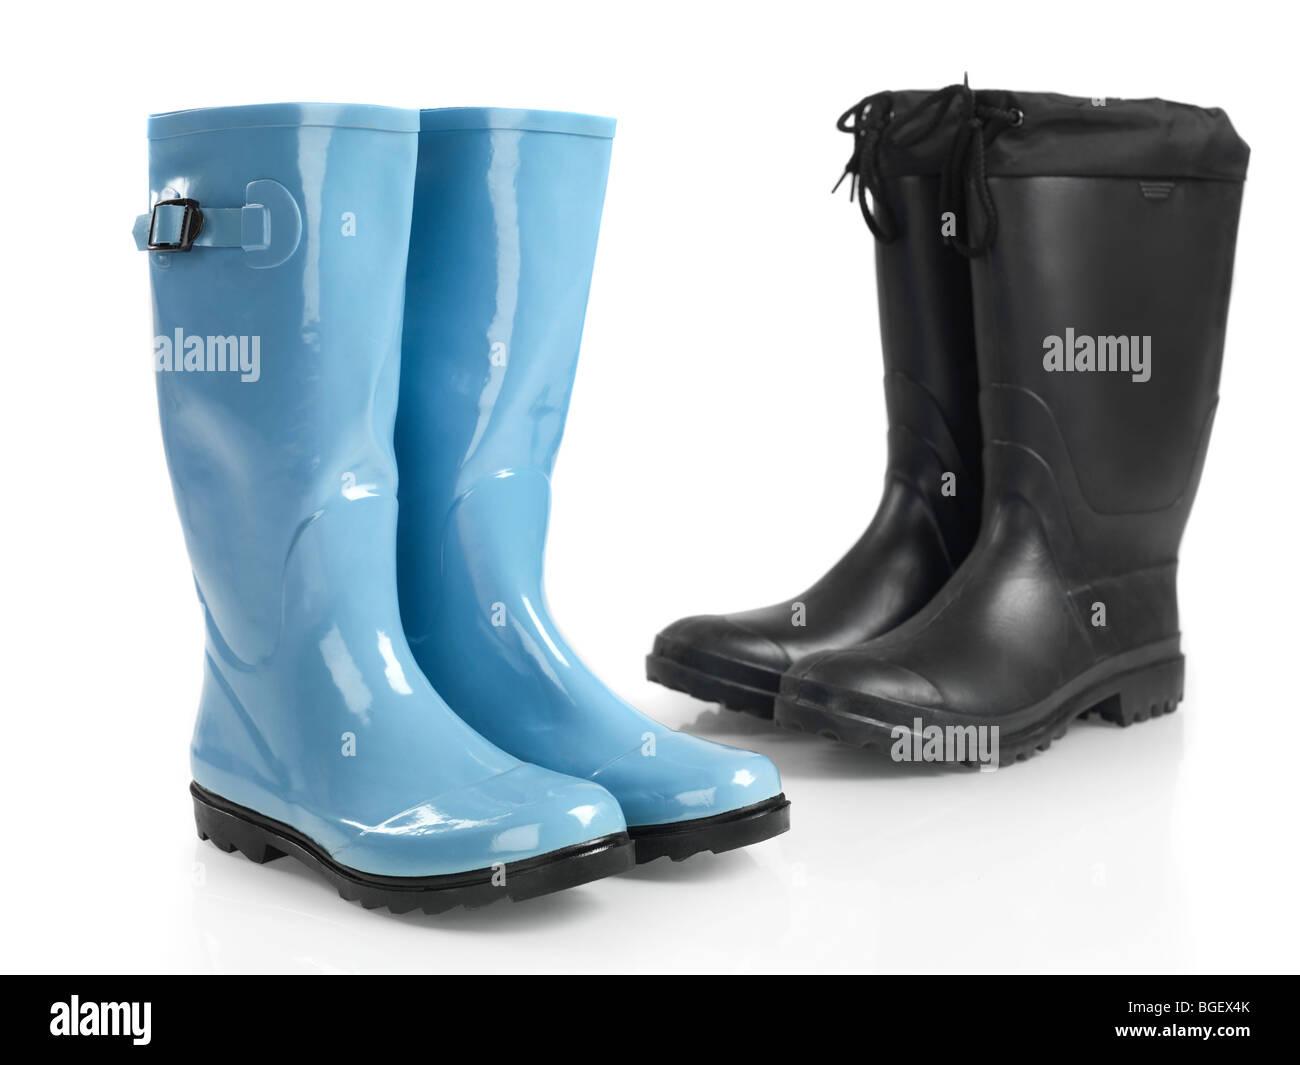 Deux paires de bottes en caoutchouc isolé sur fond blanc Photo Stock